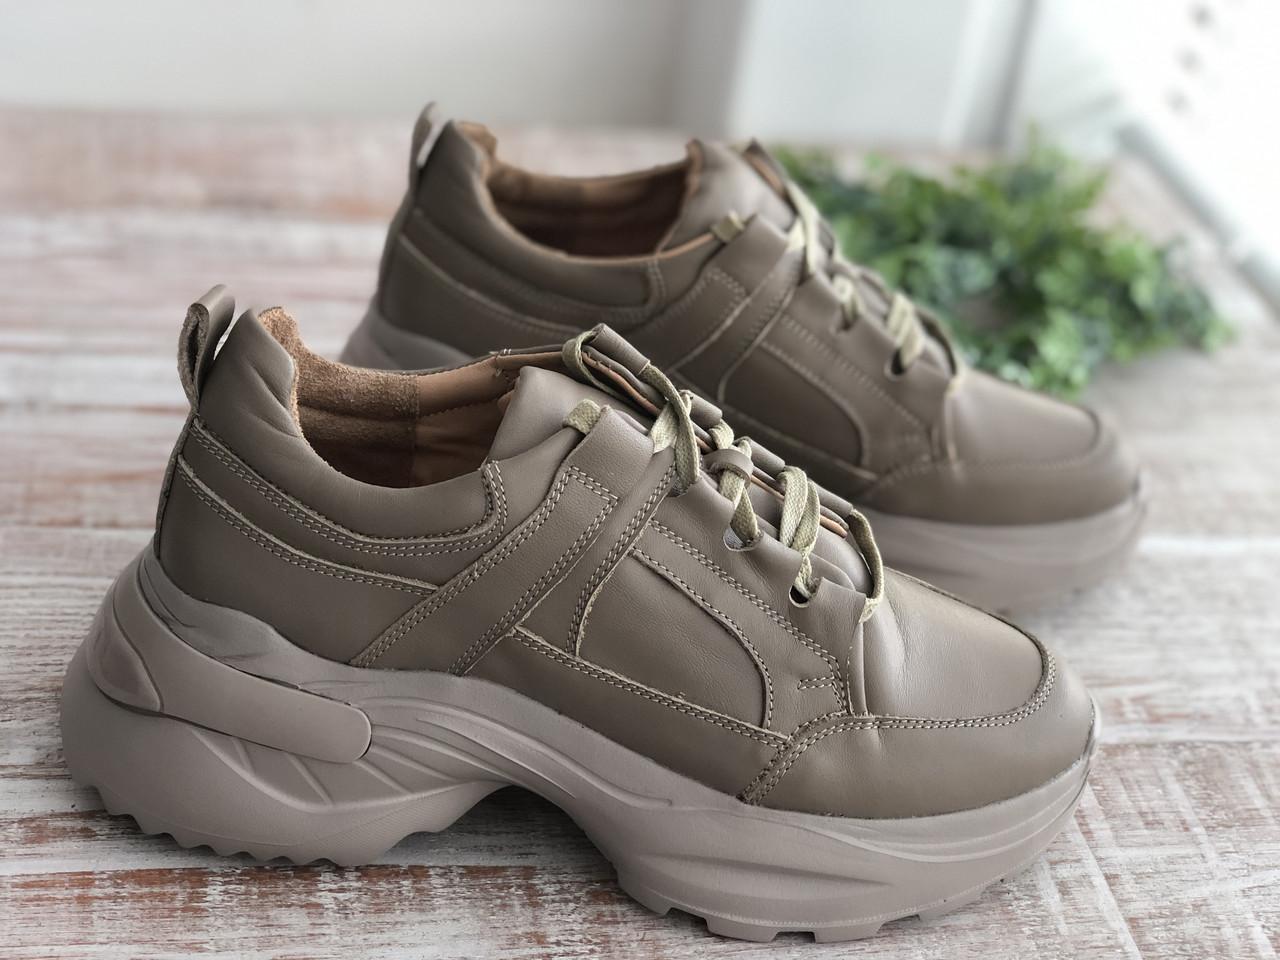 Кожаные женские кроссовки Sonya беж размеры 36,37,38,39